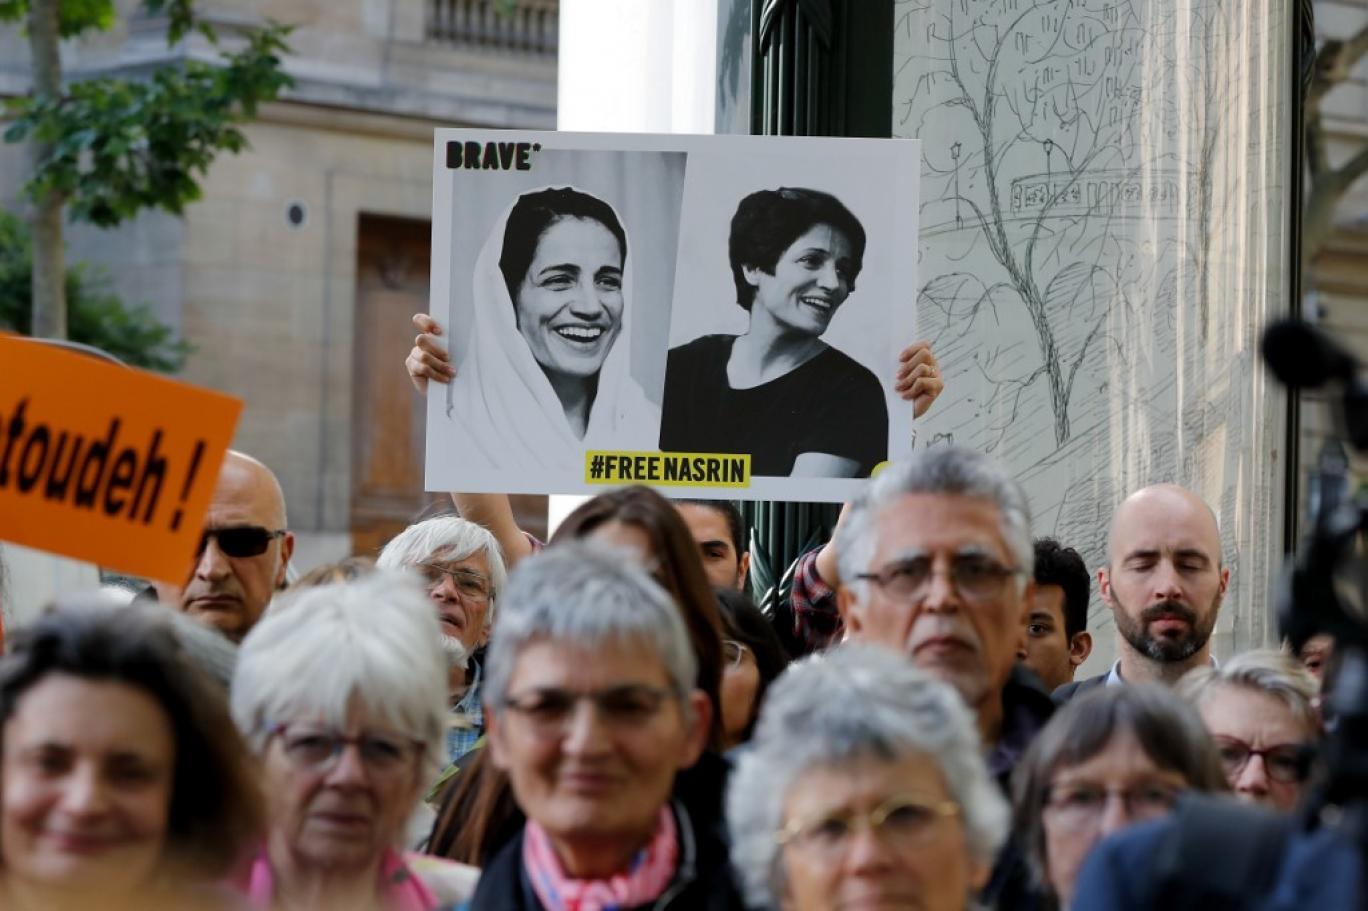 شیرین عبادی: حکومت در تدارک مرگخاموش زندانیان سیاسی و عقیدتی است